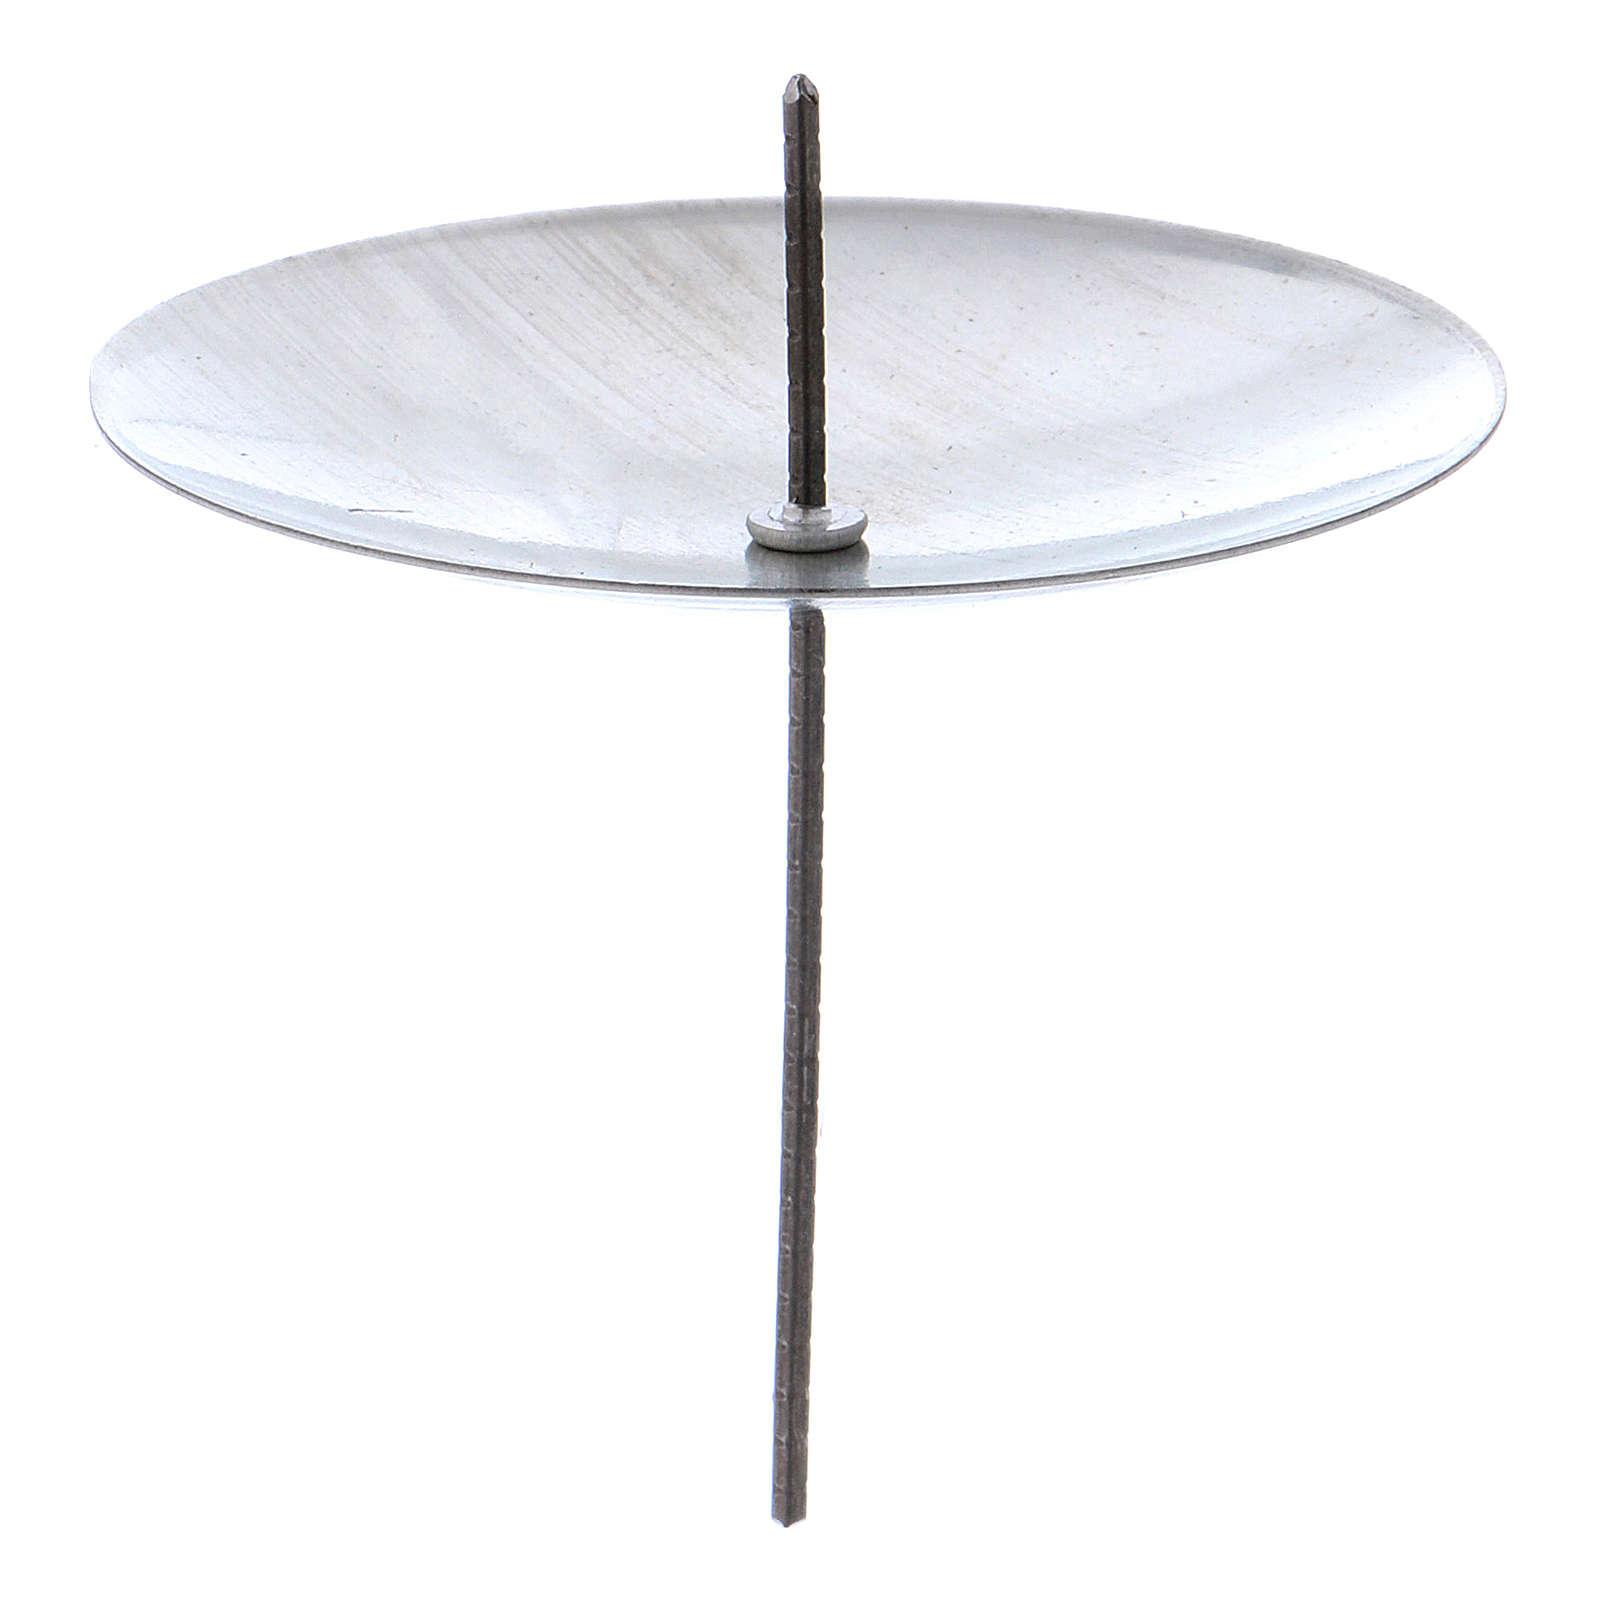 Podstawa pod świeczkę lub świecę srebrna zestaw 4 sztuk średnica 55 mm 3